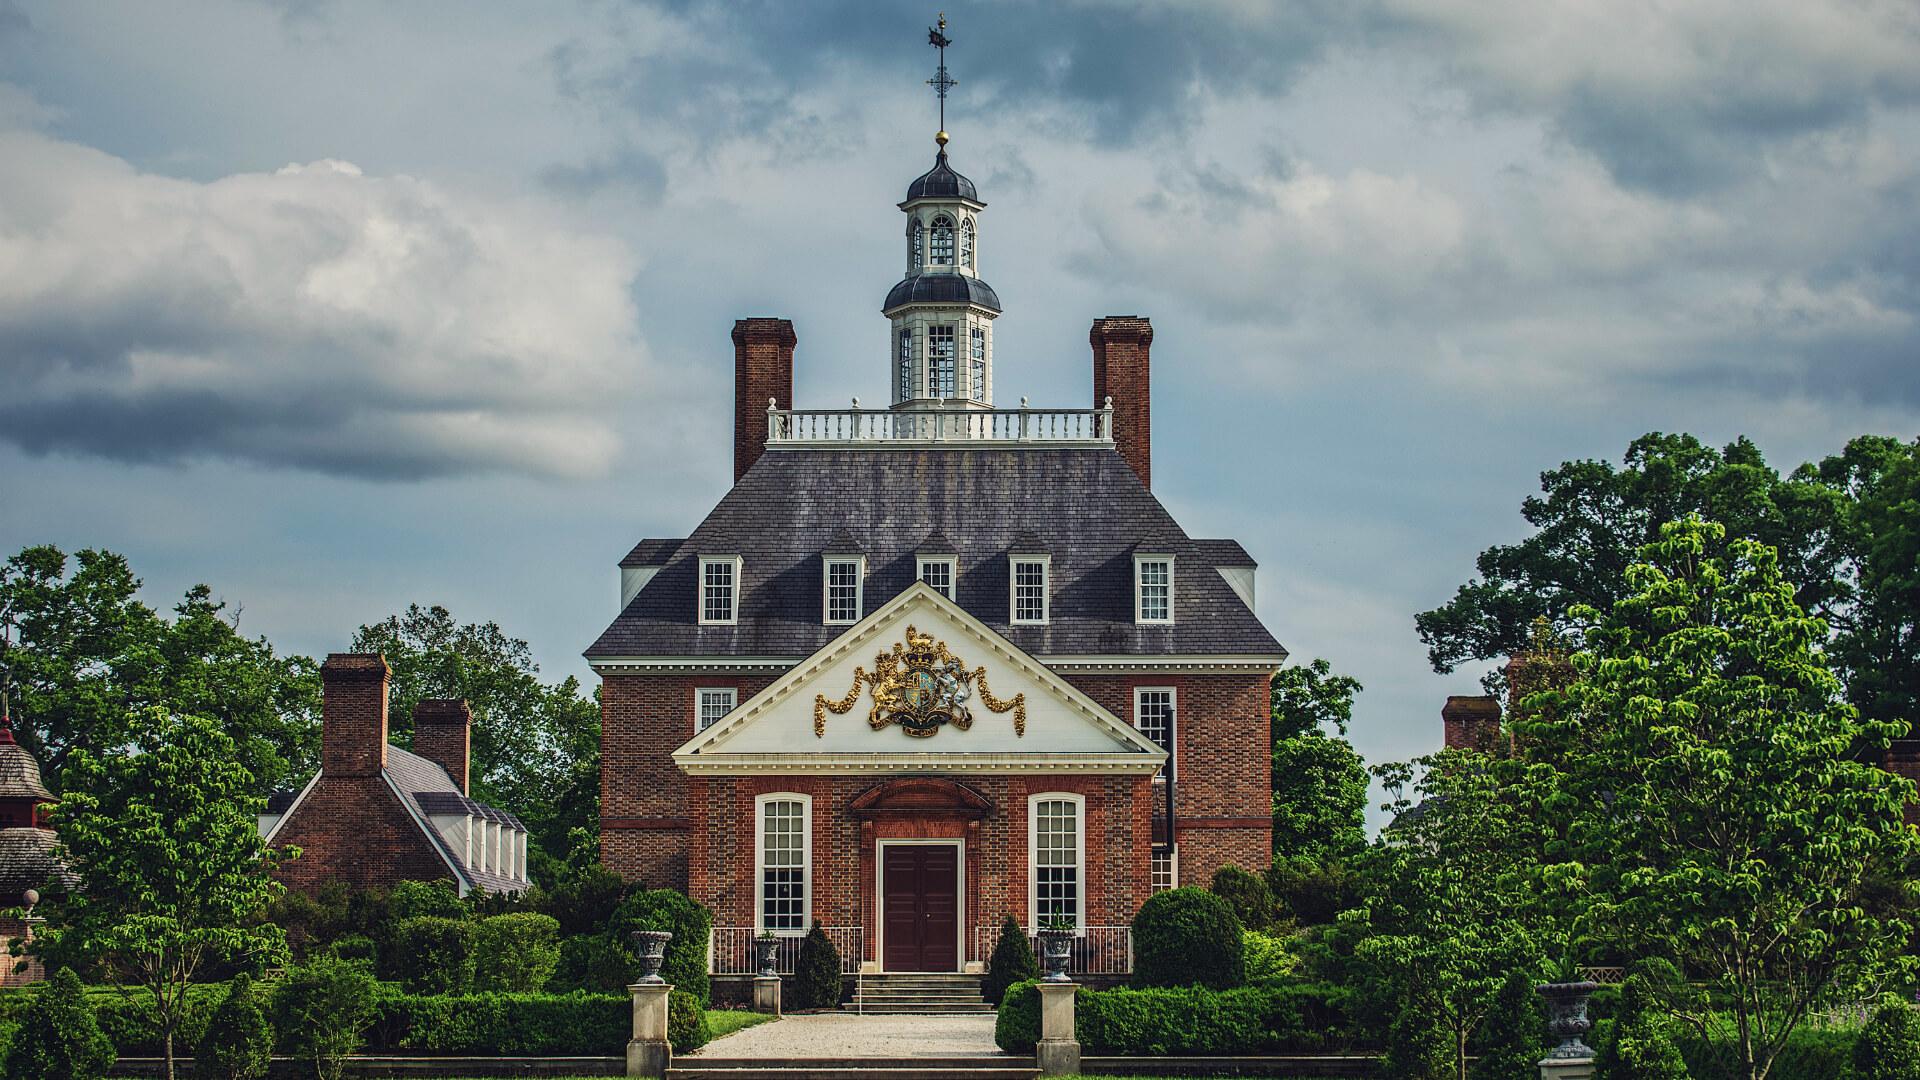 Virginia'da Bir XVIII. Yüzyıl Tasviri: Colonial Williamsburg